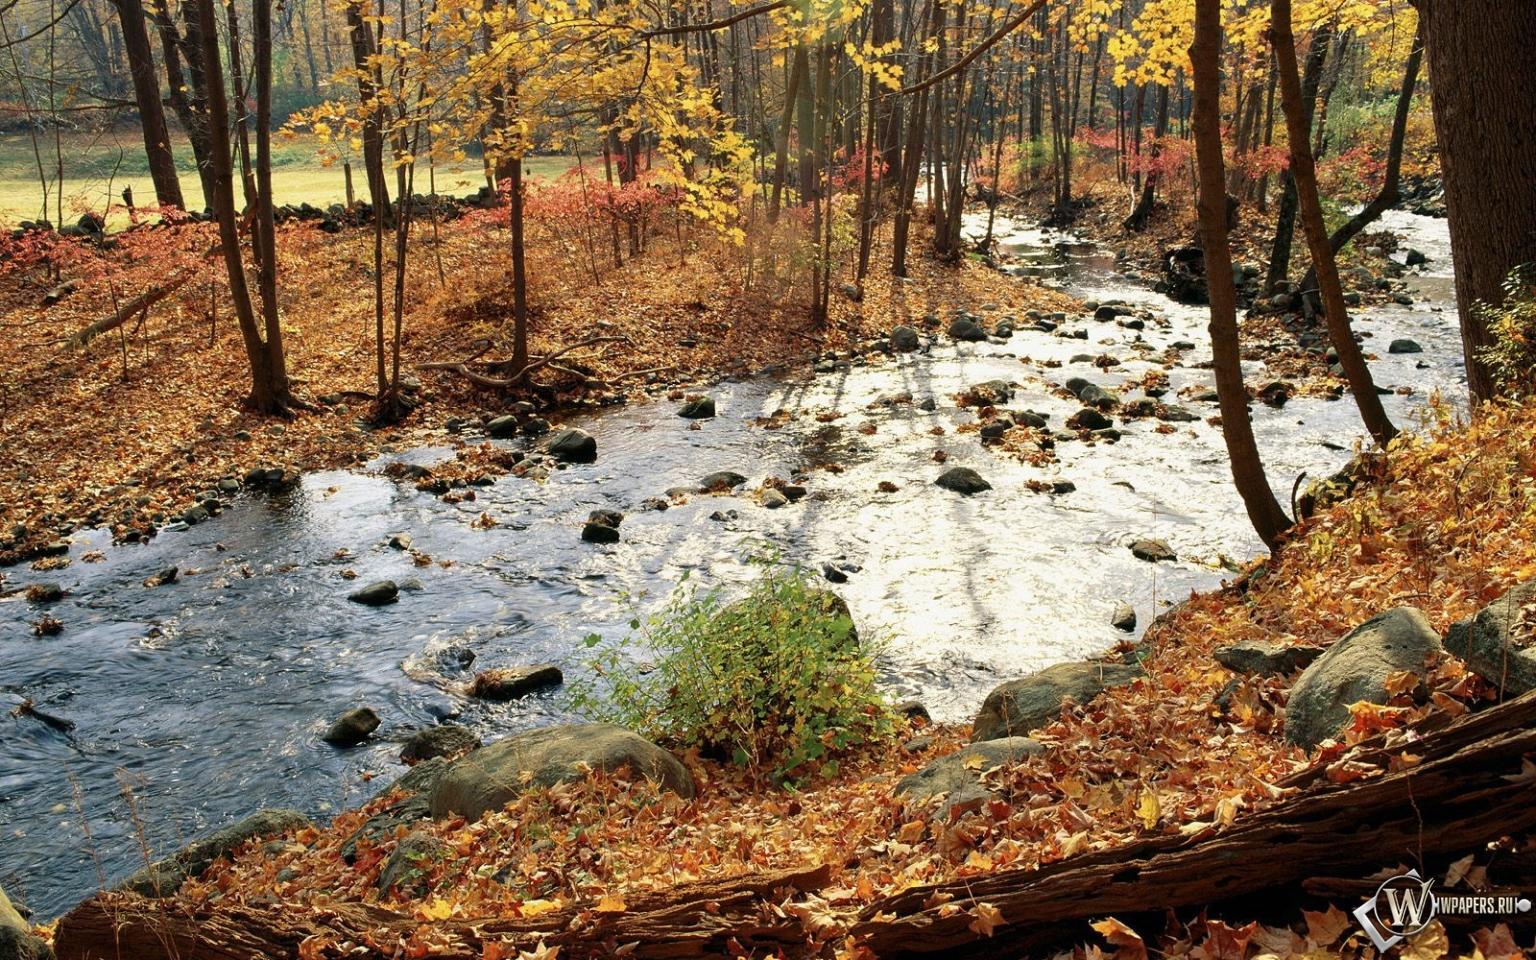 Осенняя река в лесу 1536x960